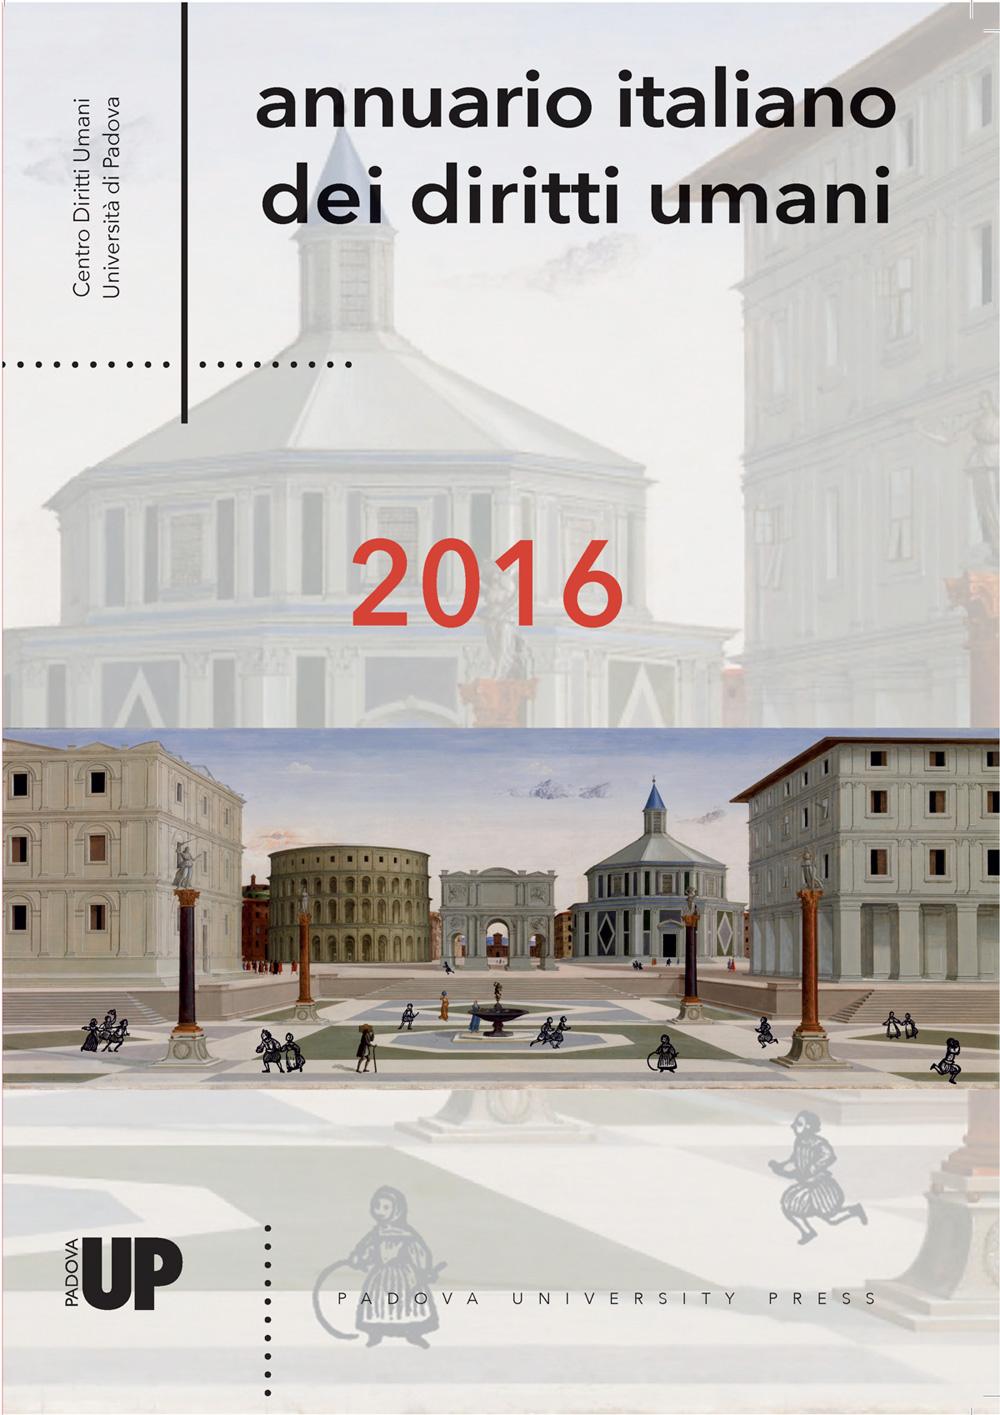 Annuario italiano dei diritti umani 2016, copertina